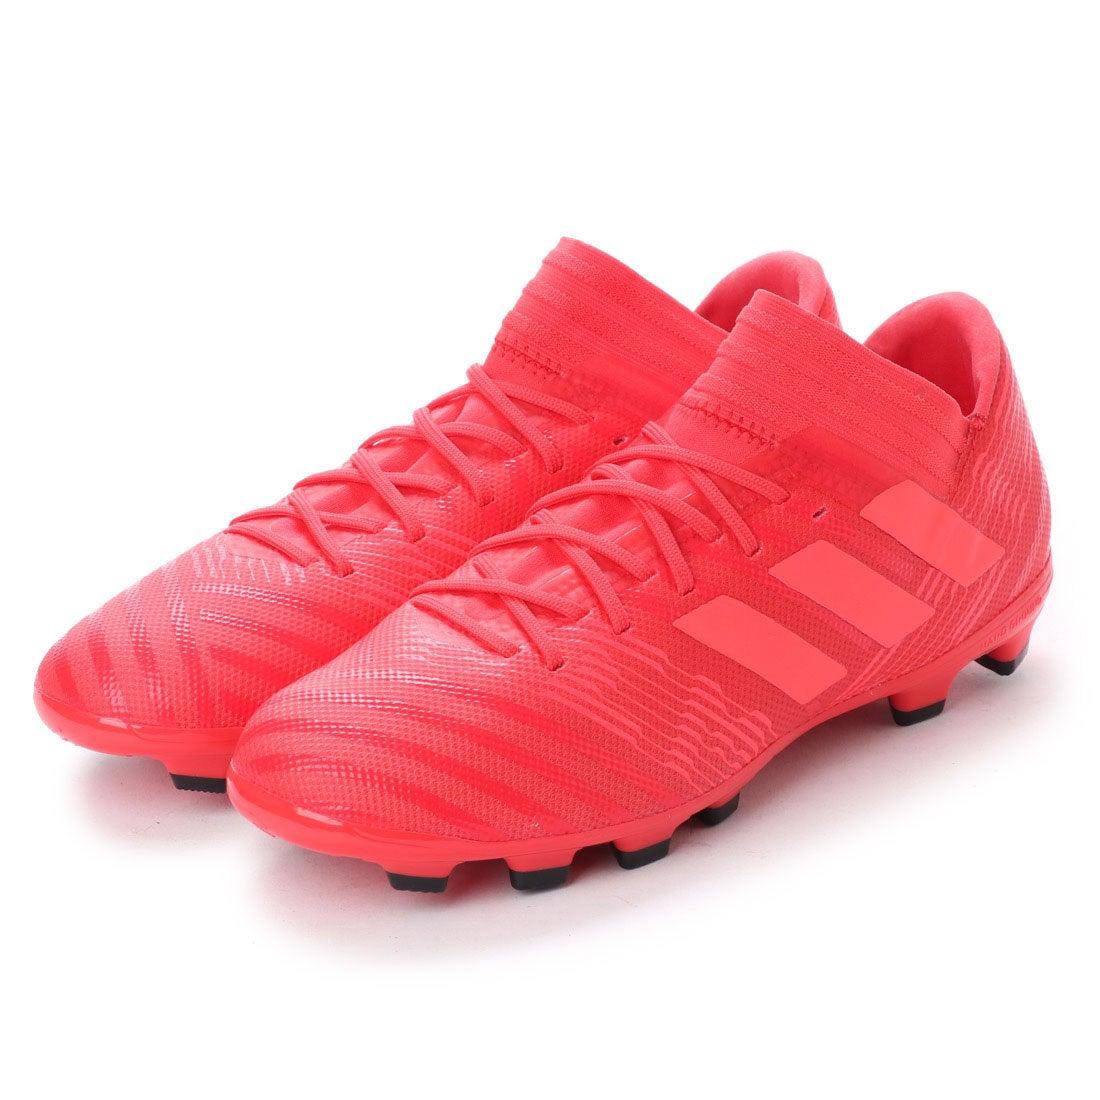 【SALE 25%OFF】アディダス adidas サッカー スパイクシューズ ネメシス 17.3 HG CQ1989